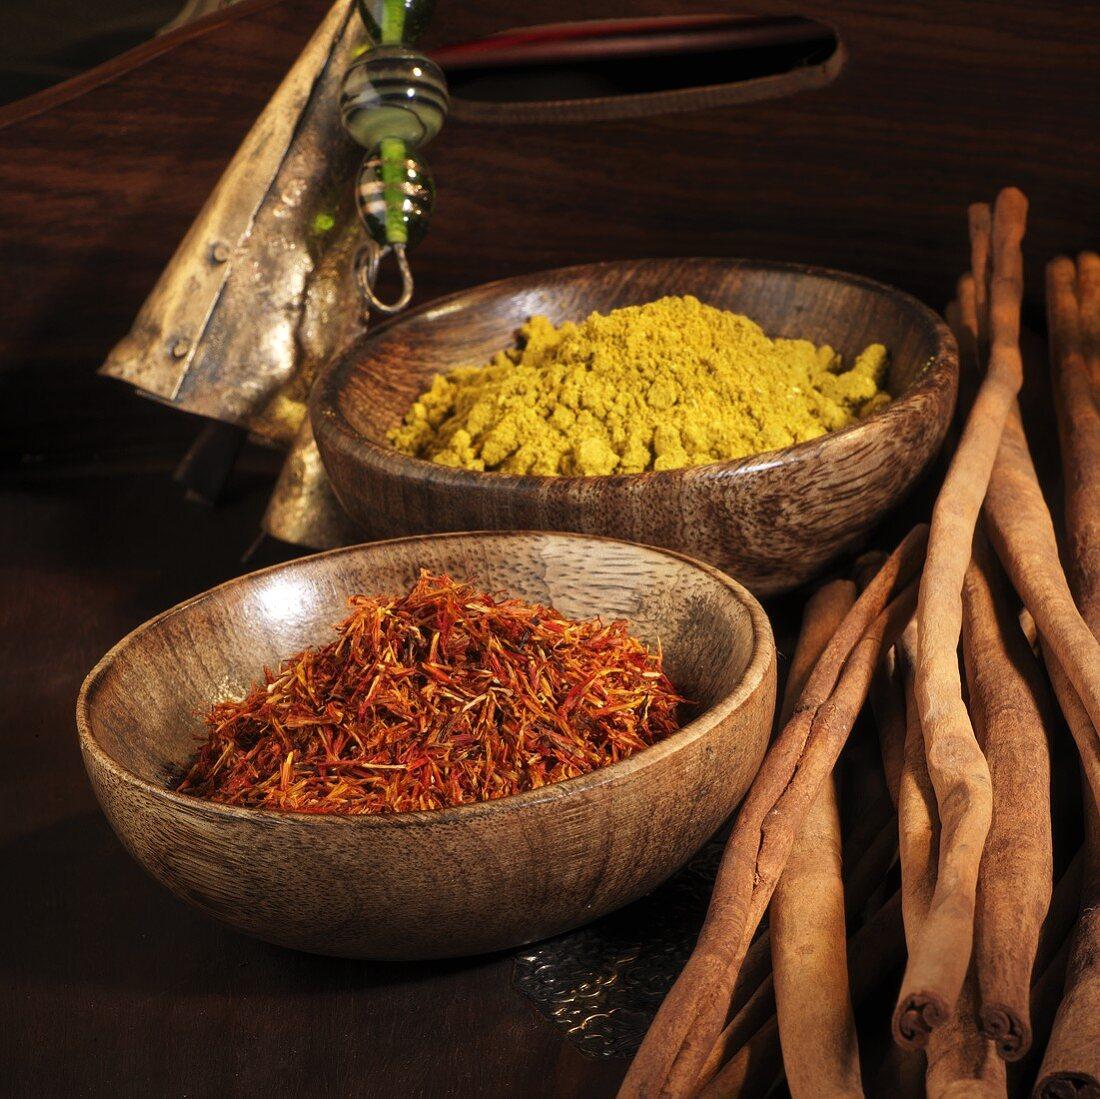 Safflower (saffron substitute), curry powder and cinnamon sticks